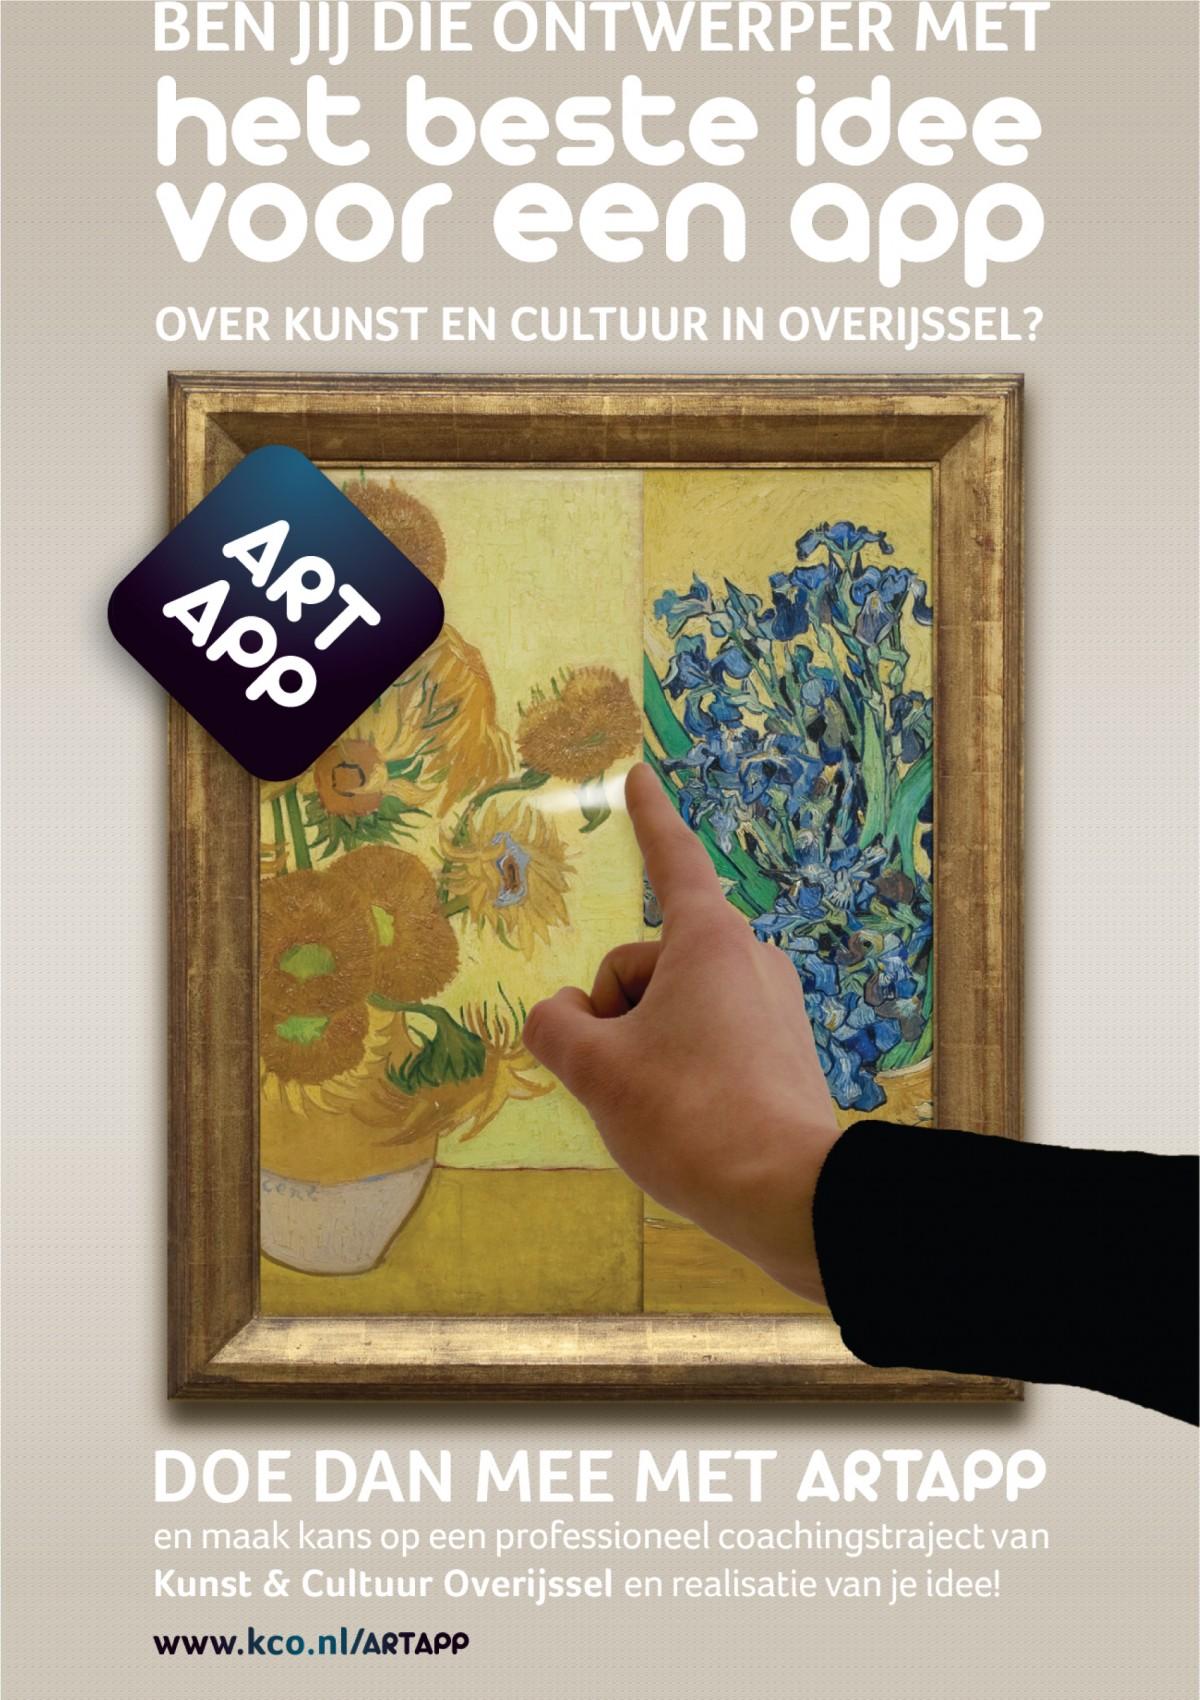 Citaten Over Kunst En Cultuur : Ontwerp een app voor kunst en cultuur in overijssel